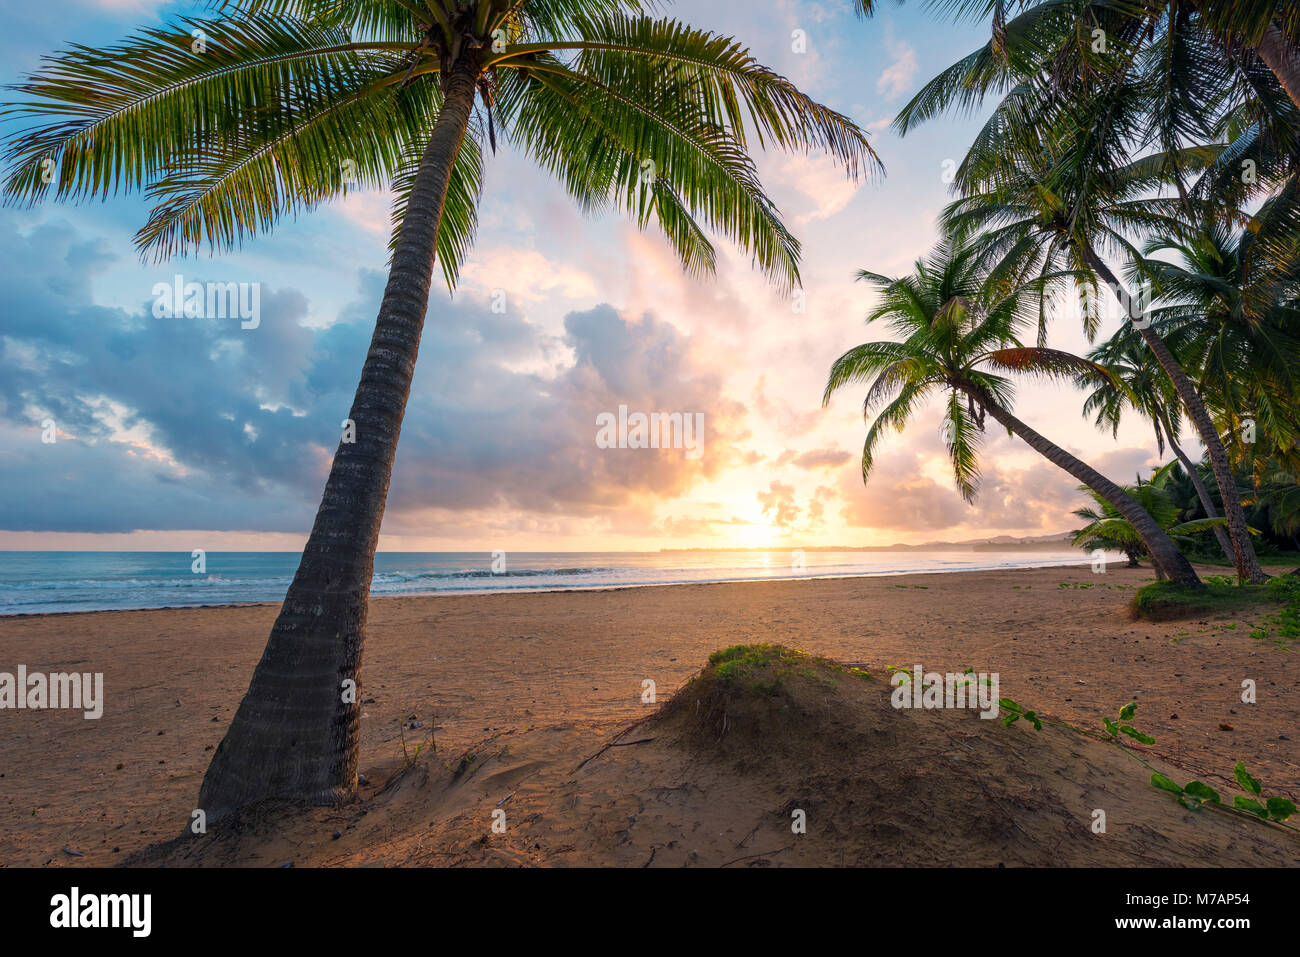 Sunrise pittoresque sur une plage des Caraïbes de l'île de Porto Rico, Photo Stock